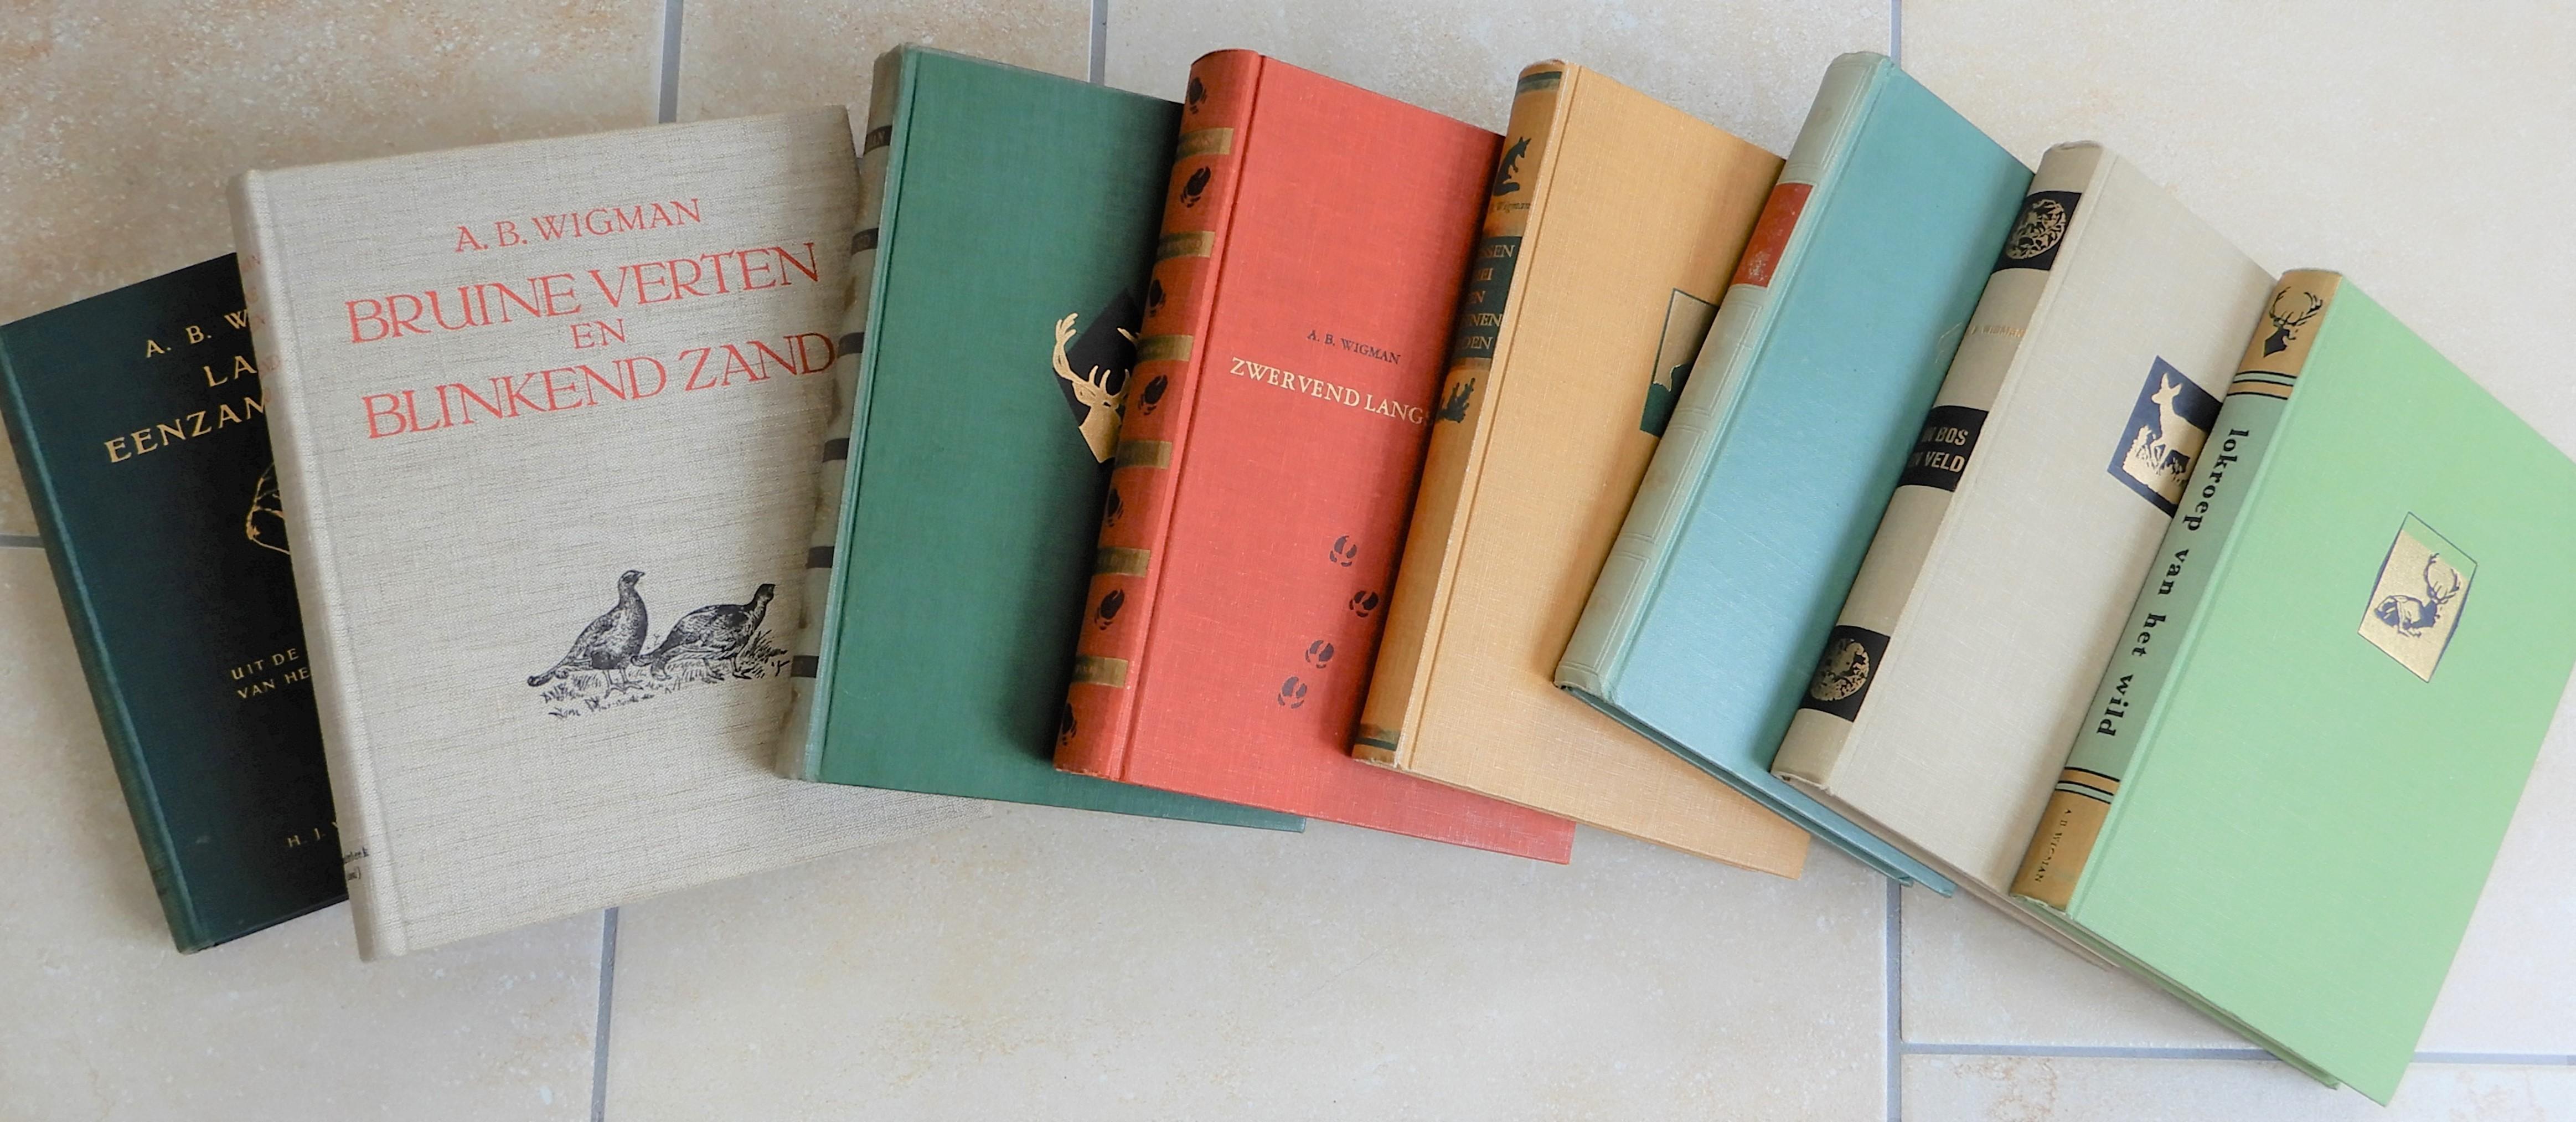 Ze kregen allemaal een prominente plek in onze boekenkast - Foto: Henk Stel